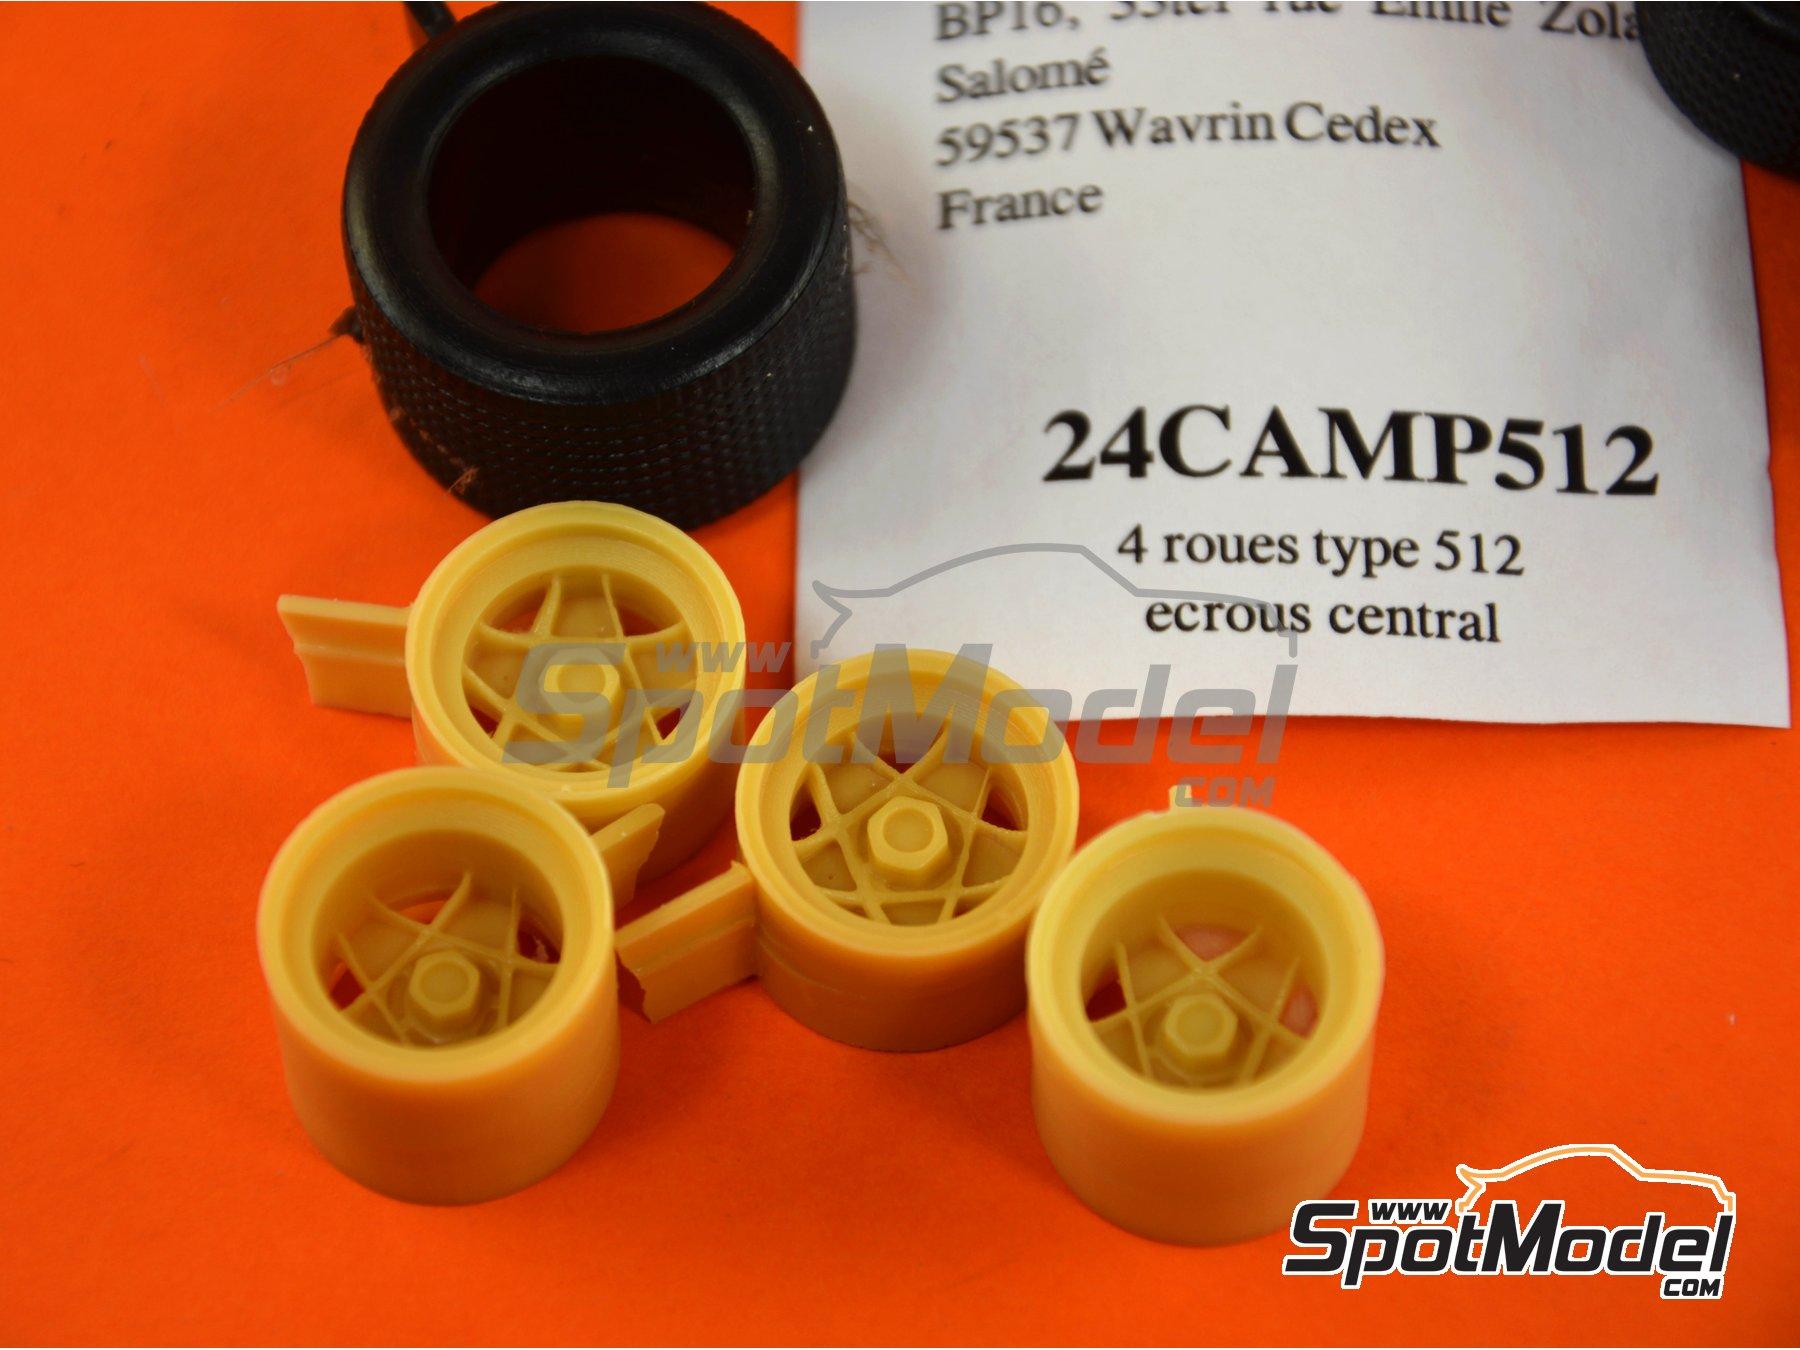 Image 1: Campagnolo 15 pulgadas | Set de llantas y neumáticos en escala1/24 fabricado por Renaissance Models (ref.24CAMP512)